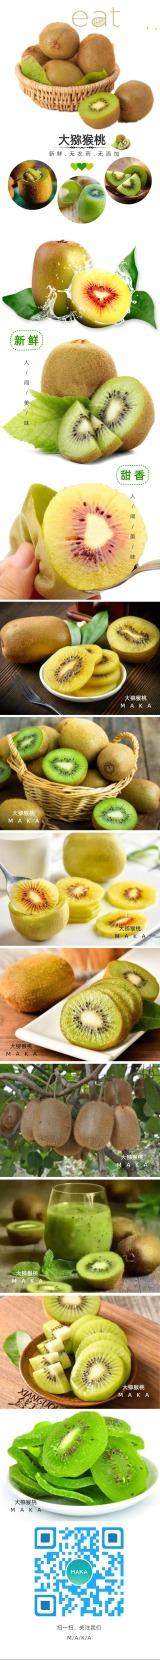 水果猕猴桃扁平简约设计风格电商微商产品详情页宣传海报